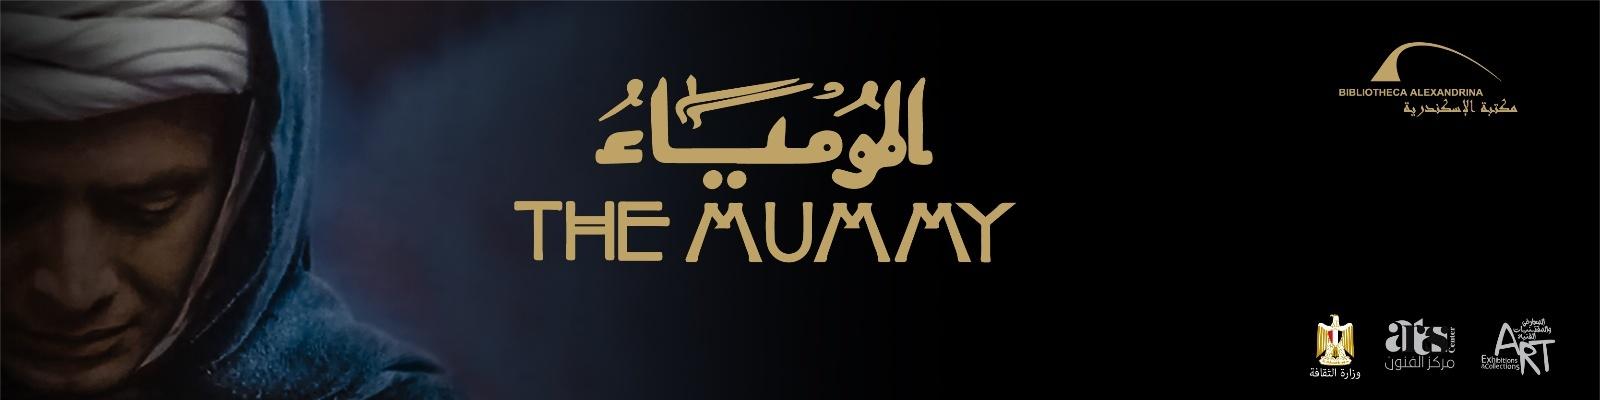 Projection de la version restaurée de <i>La momie</i> de Shadi Abdel Salam